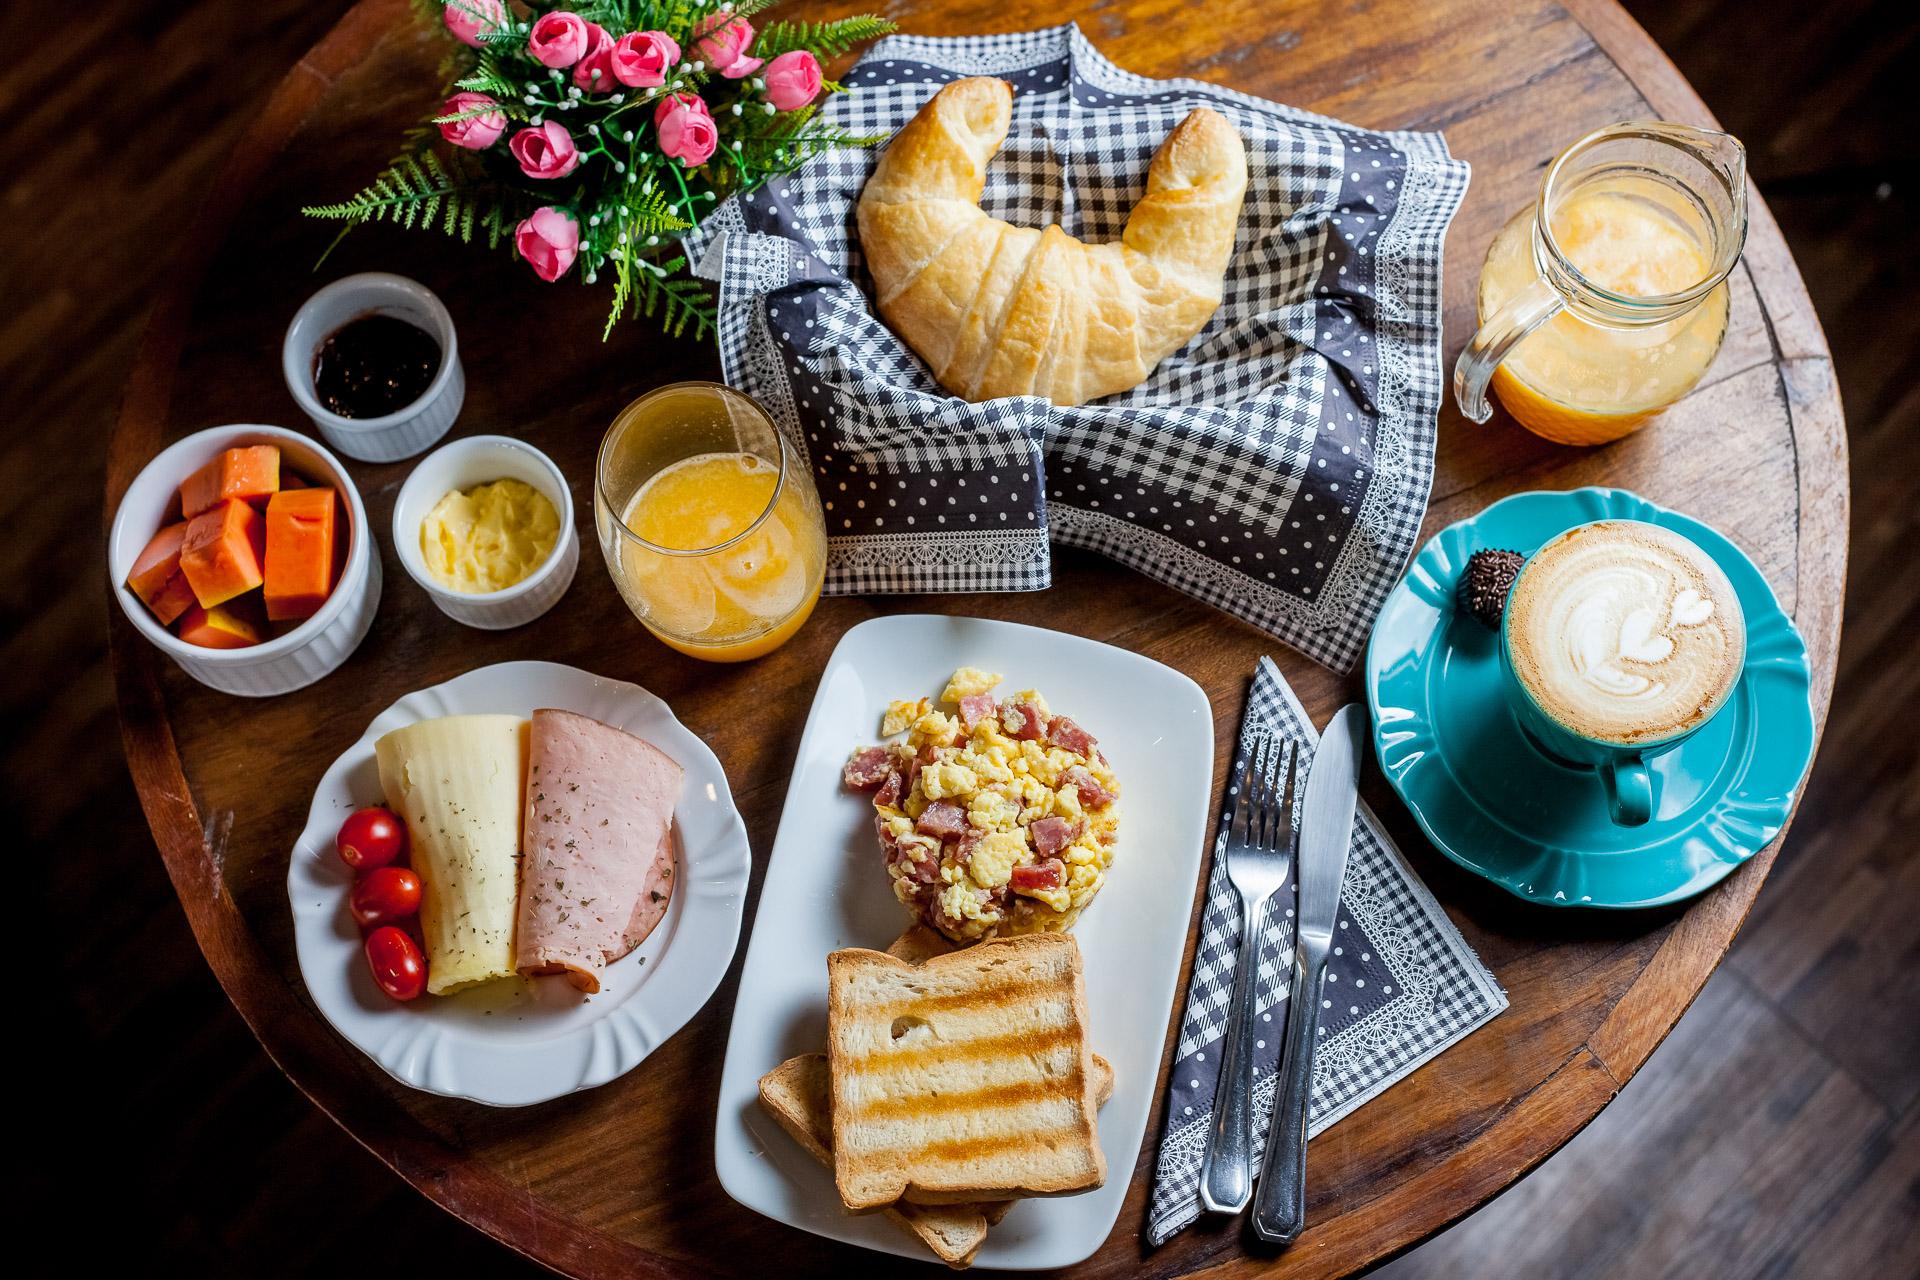 Brunch especial e completo para o café da manhã